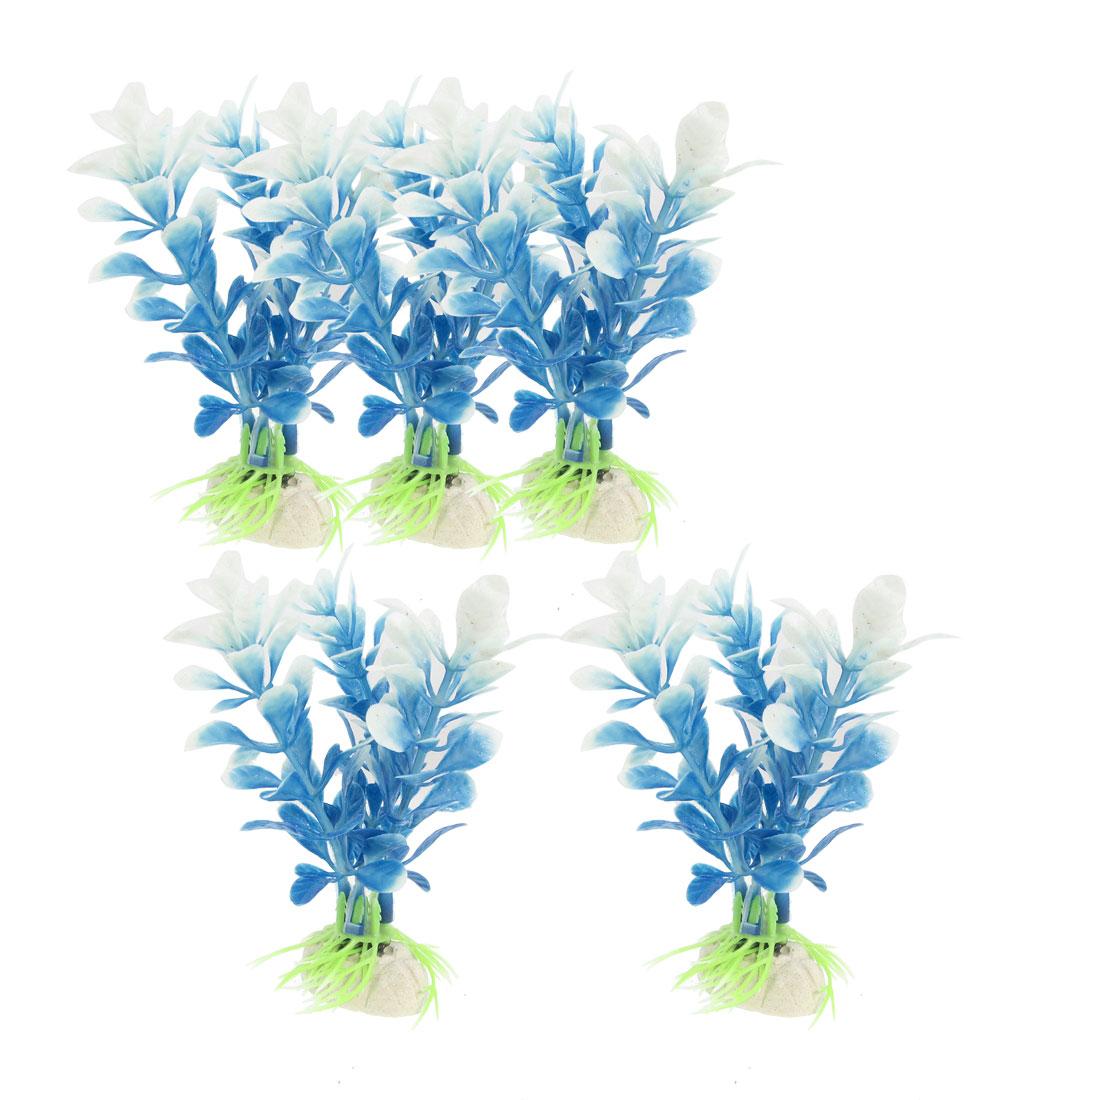 """5 Pcs Ceramic Base Blue White Plastic Plants 4.3"""" for Fish Tank Ornament"""